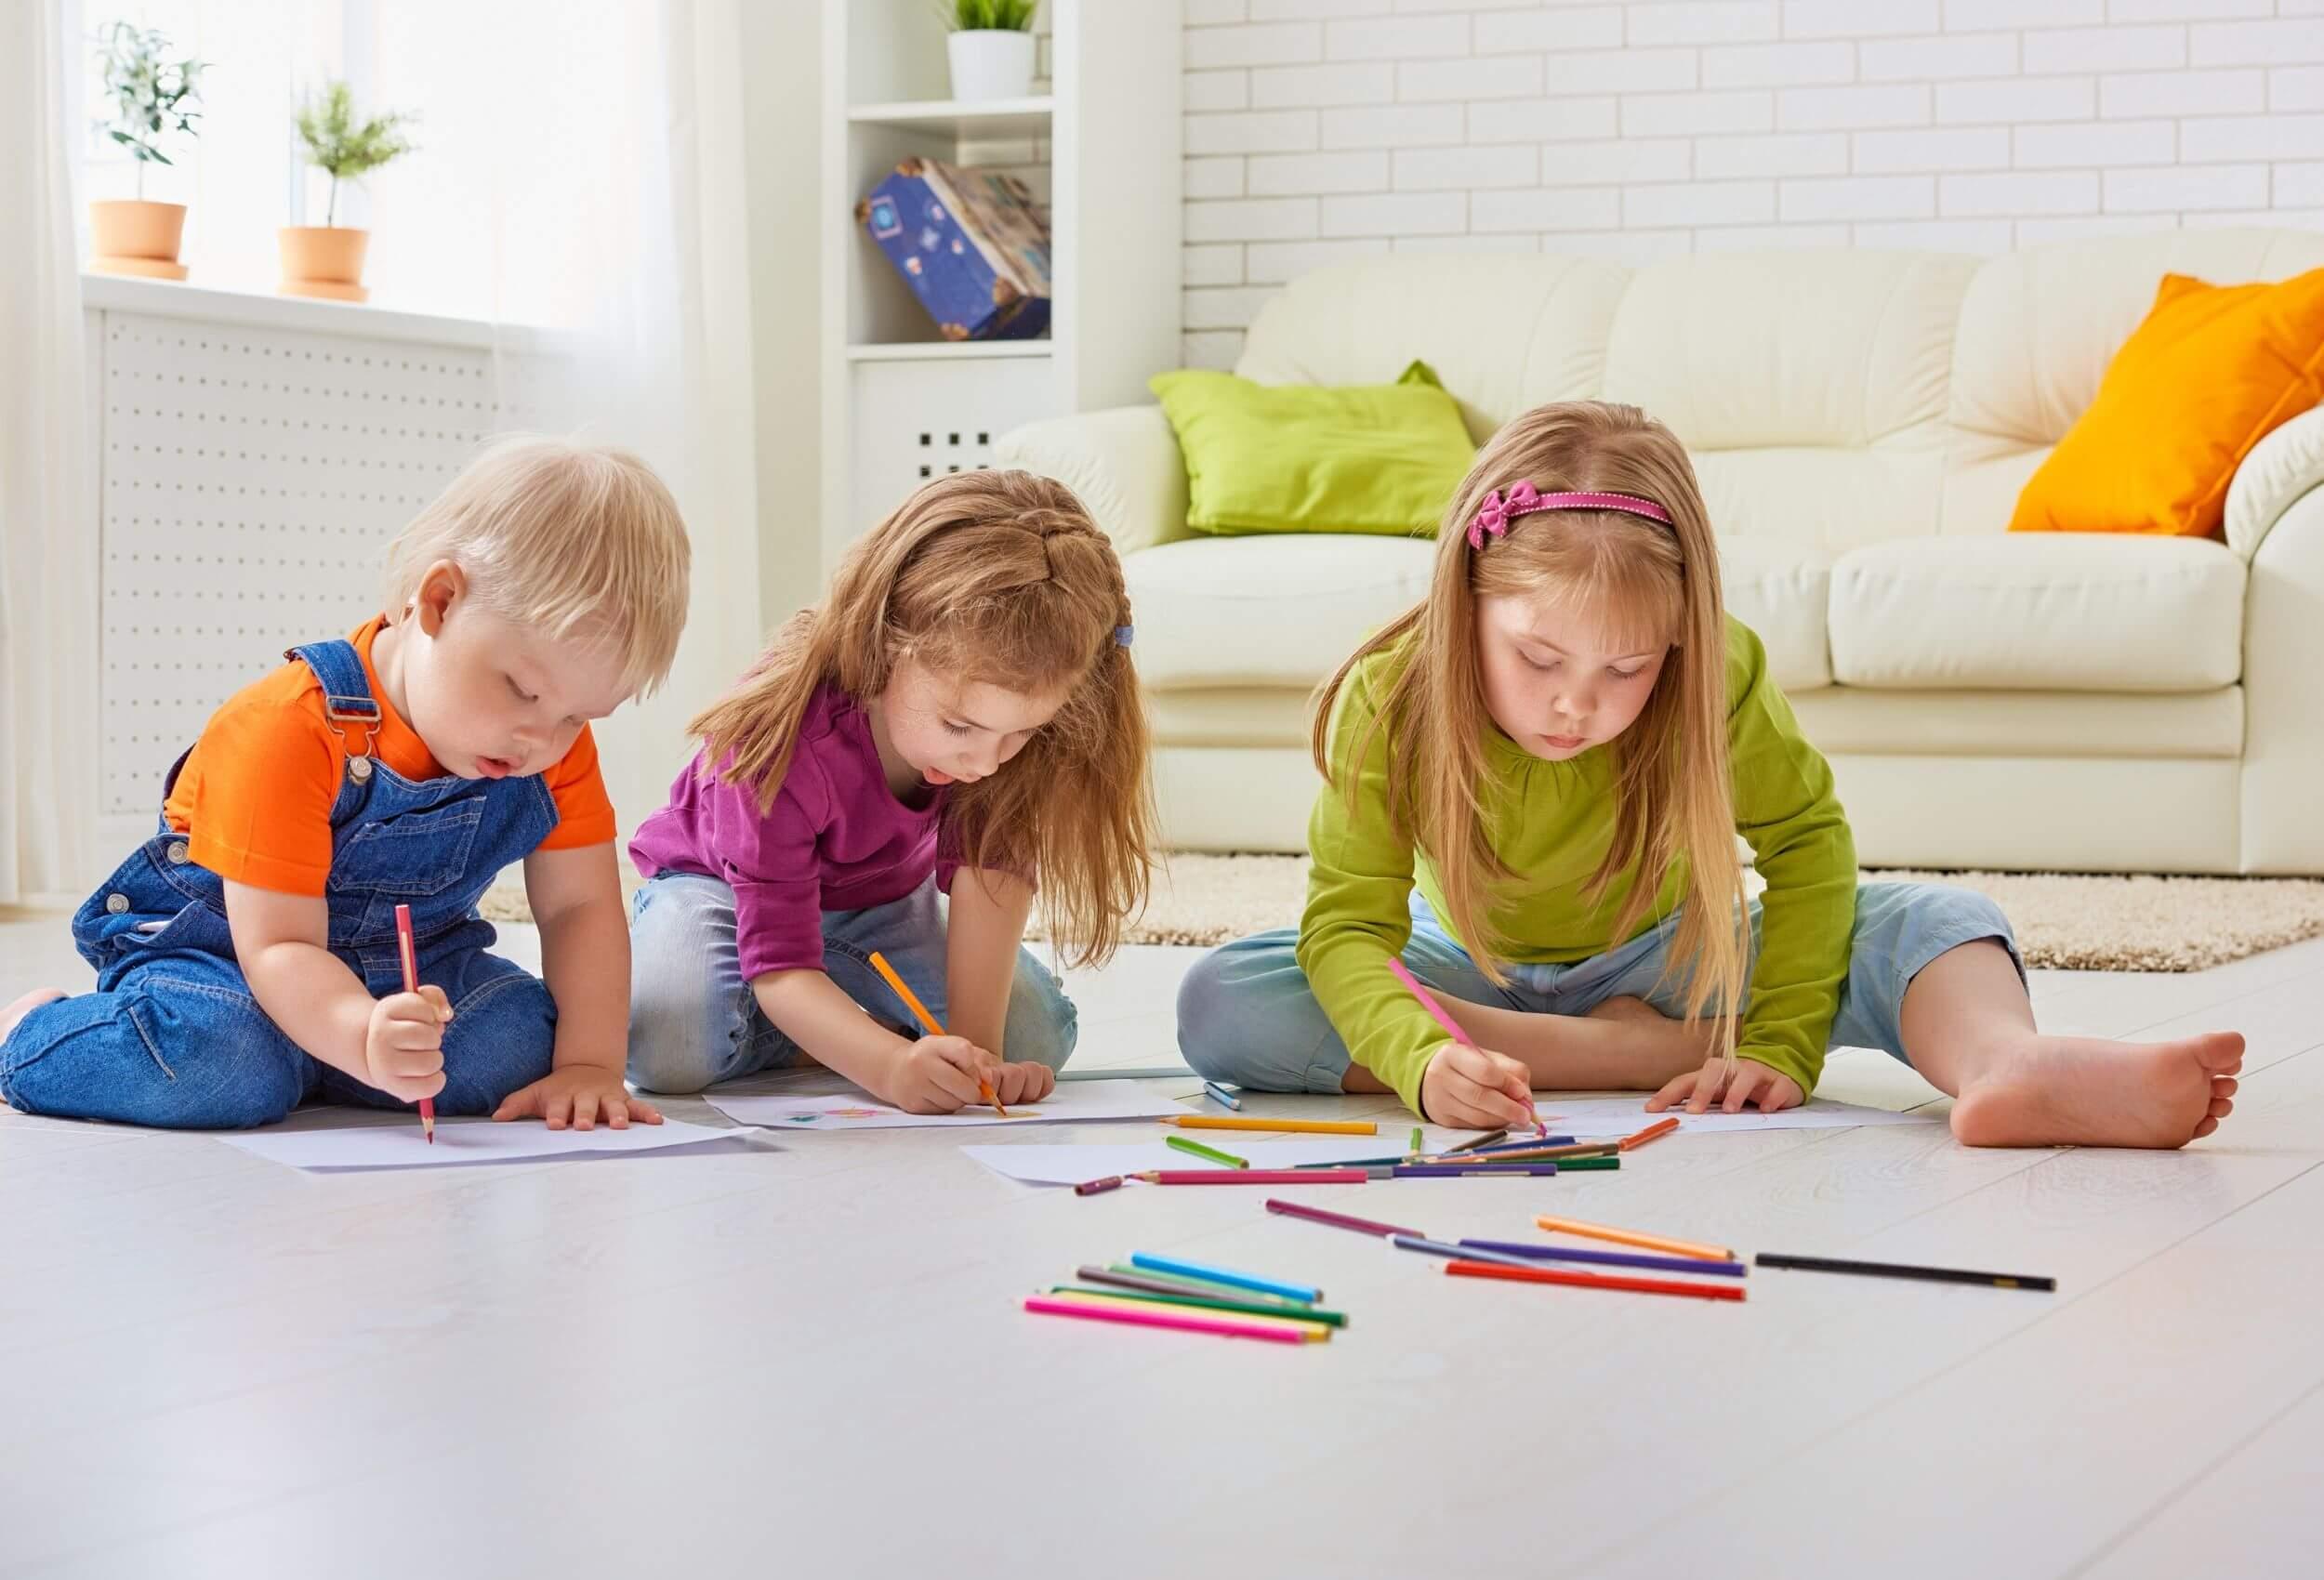 jak pobudzić dziecięcą kreatywność?